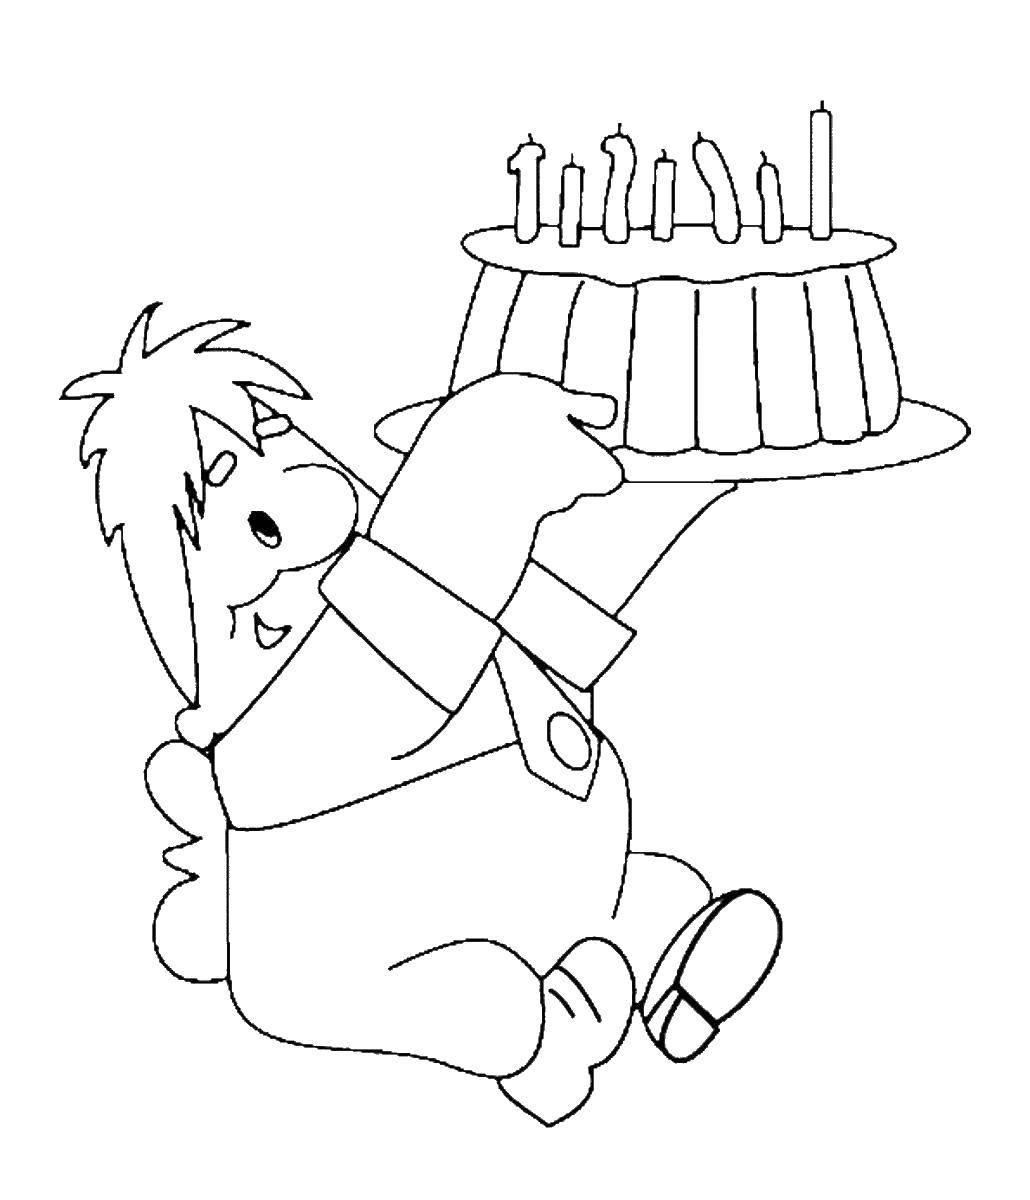 Раскраска С днём рождения, карлсон Скачать Праздник, день рождения.  Распечатать ,с днем рождения надпись,